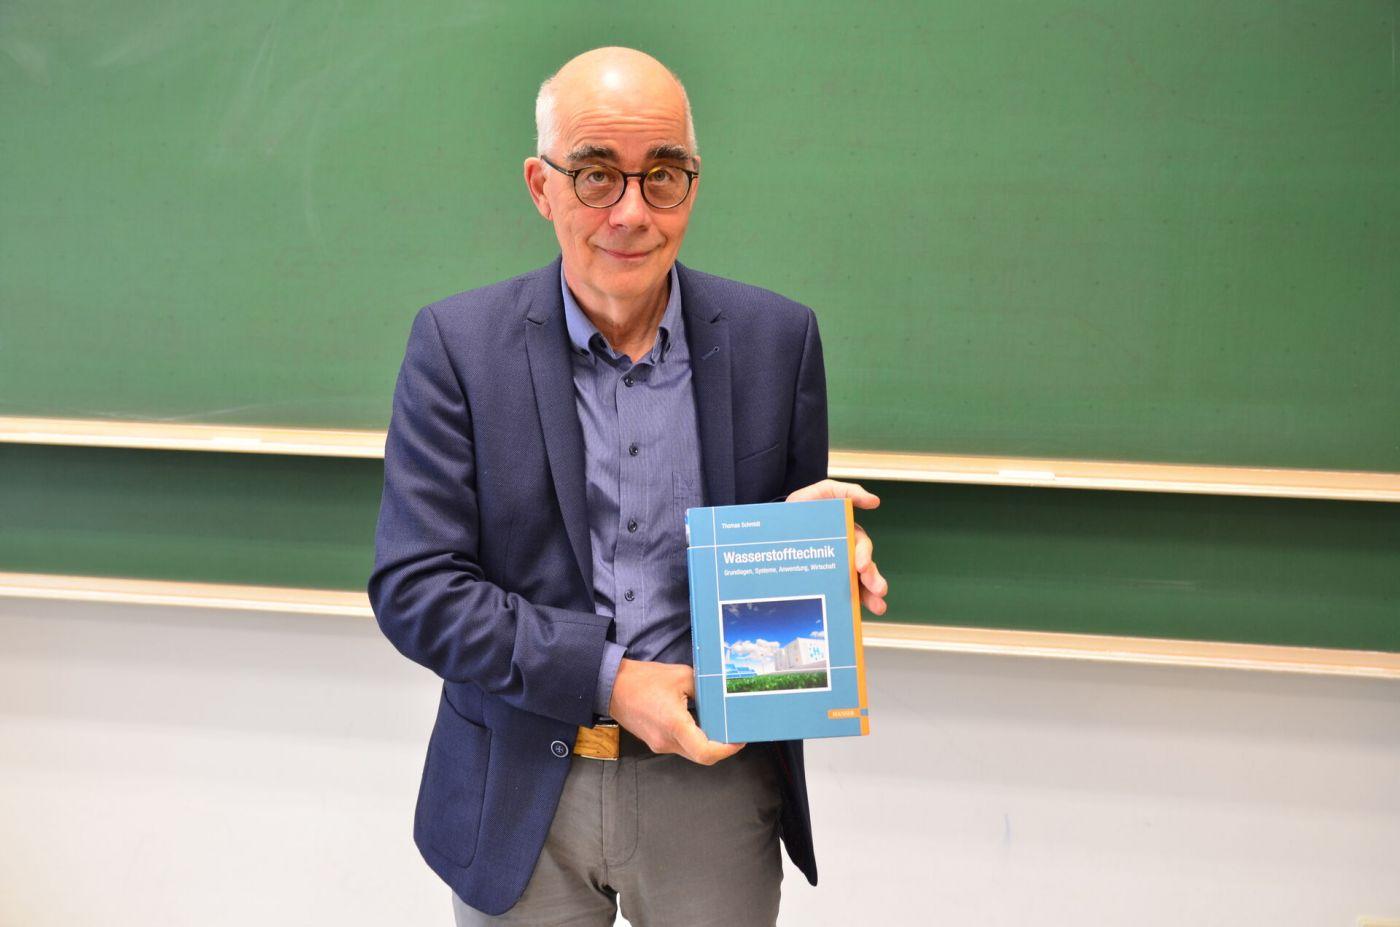 Prof. Dr.-Ing. Thomas Schmidt